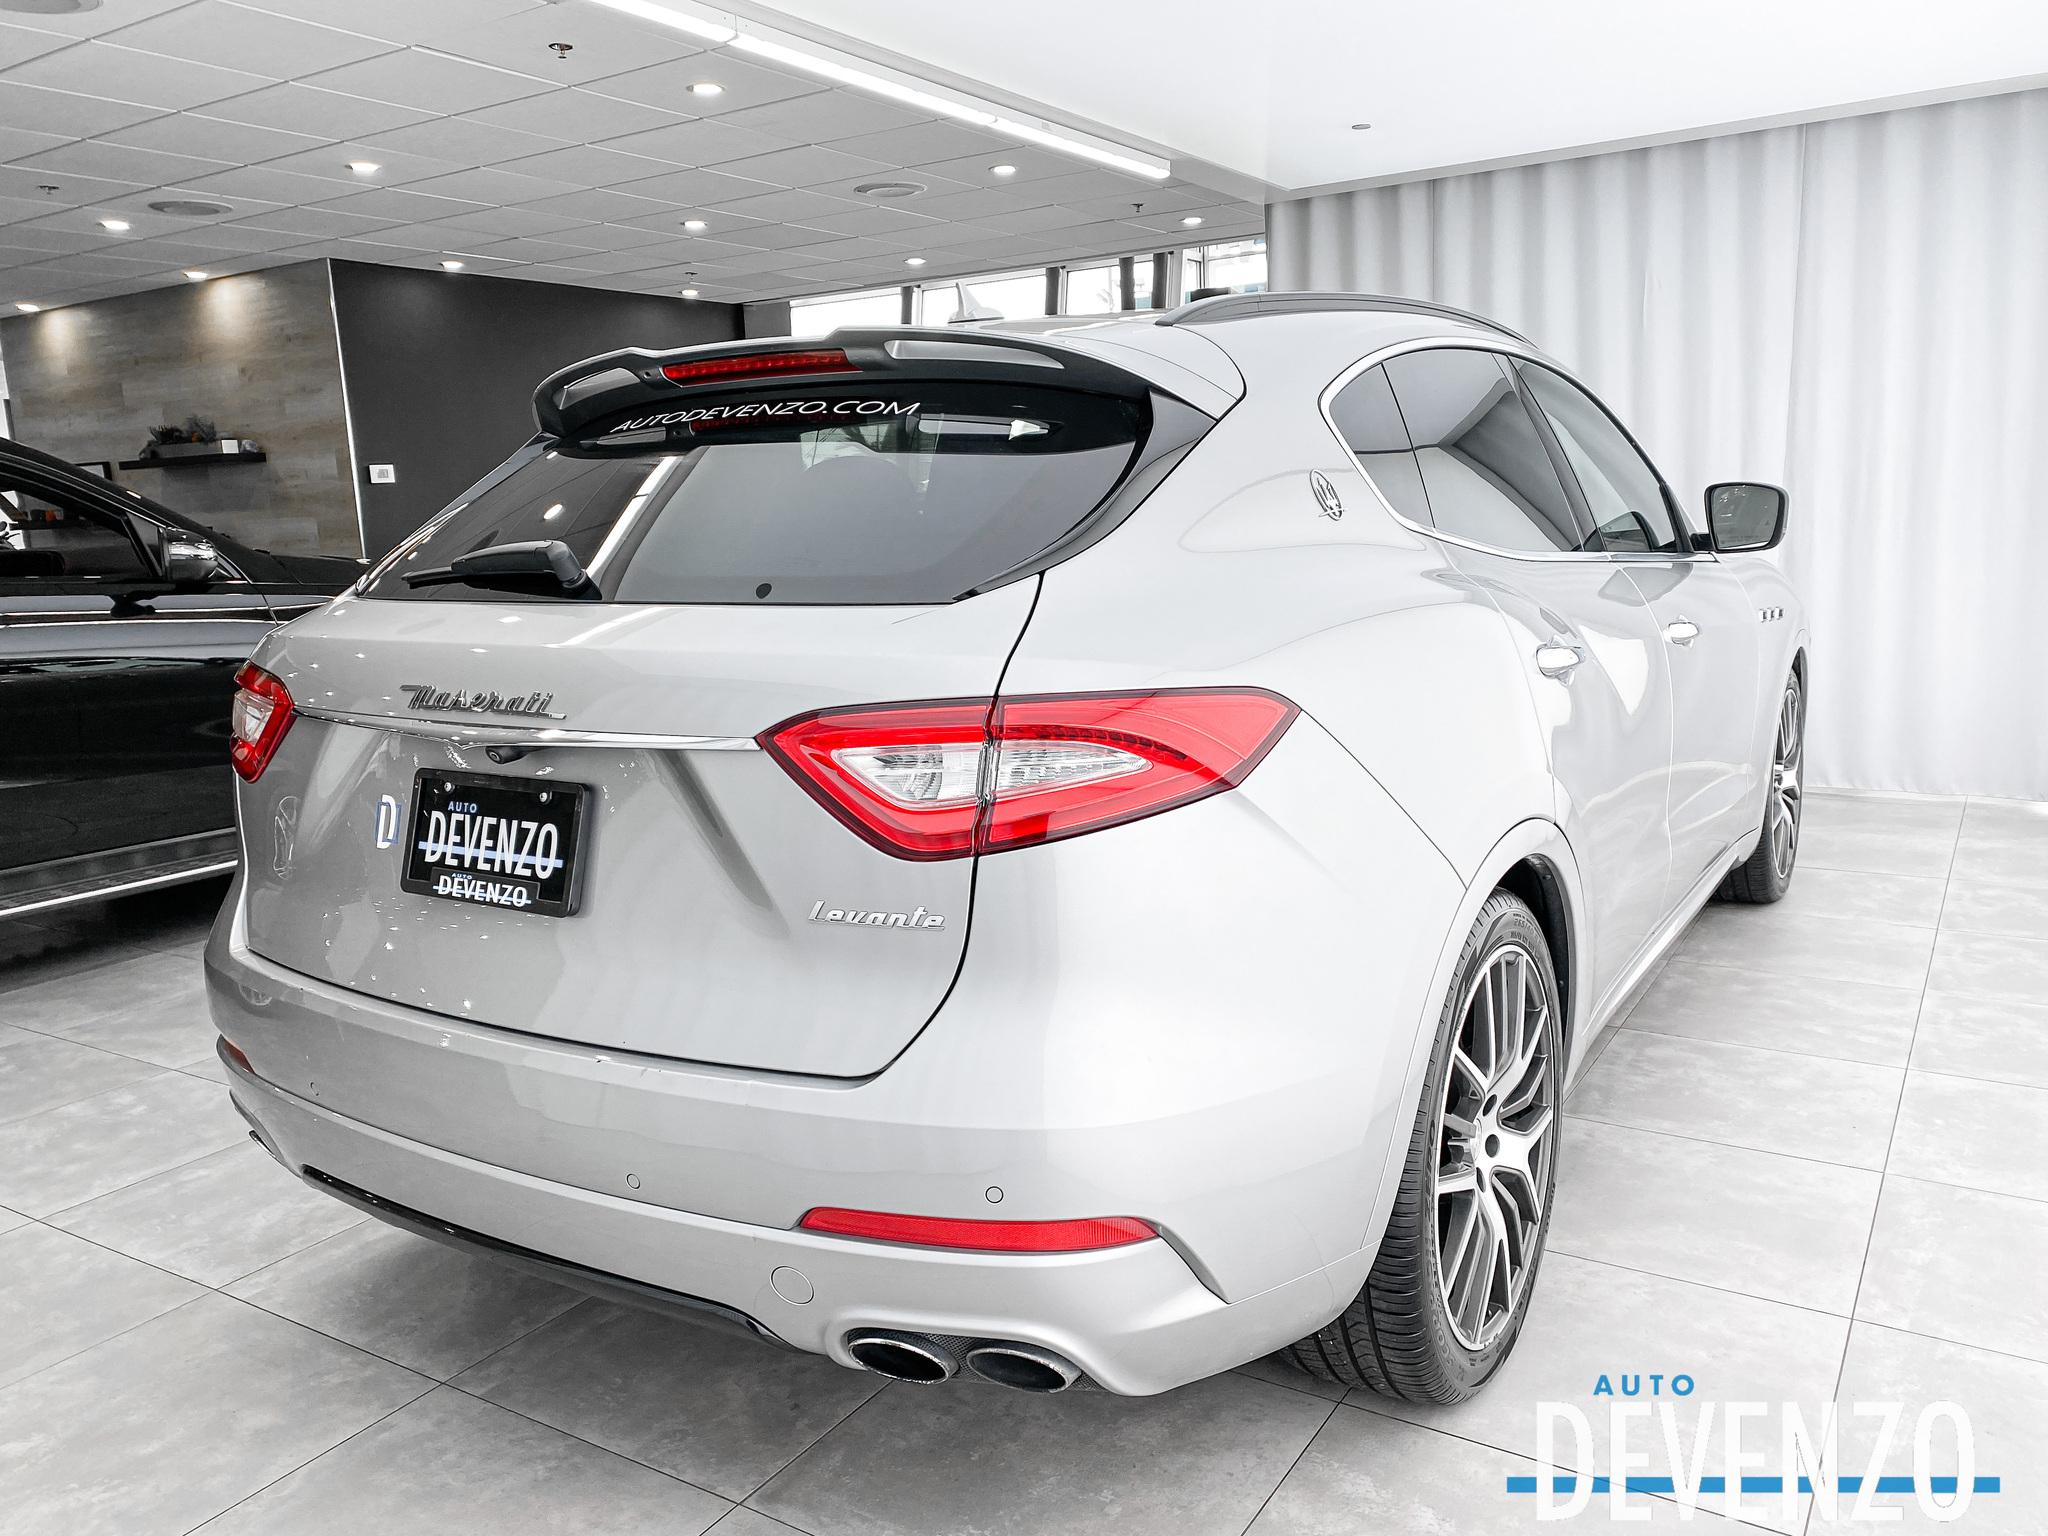 2017 Maserati Levante 3.0L Driver Assistance Plus / Carbon Fiber Trim complet